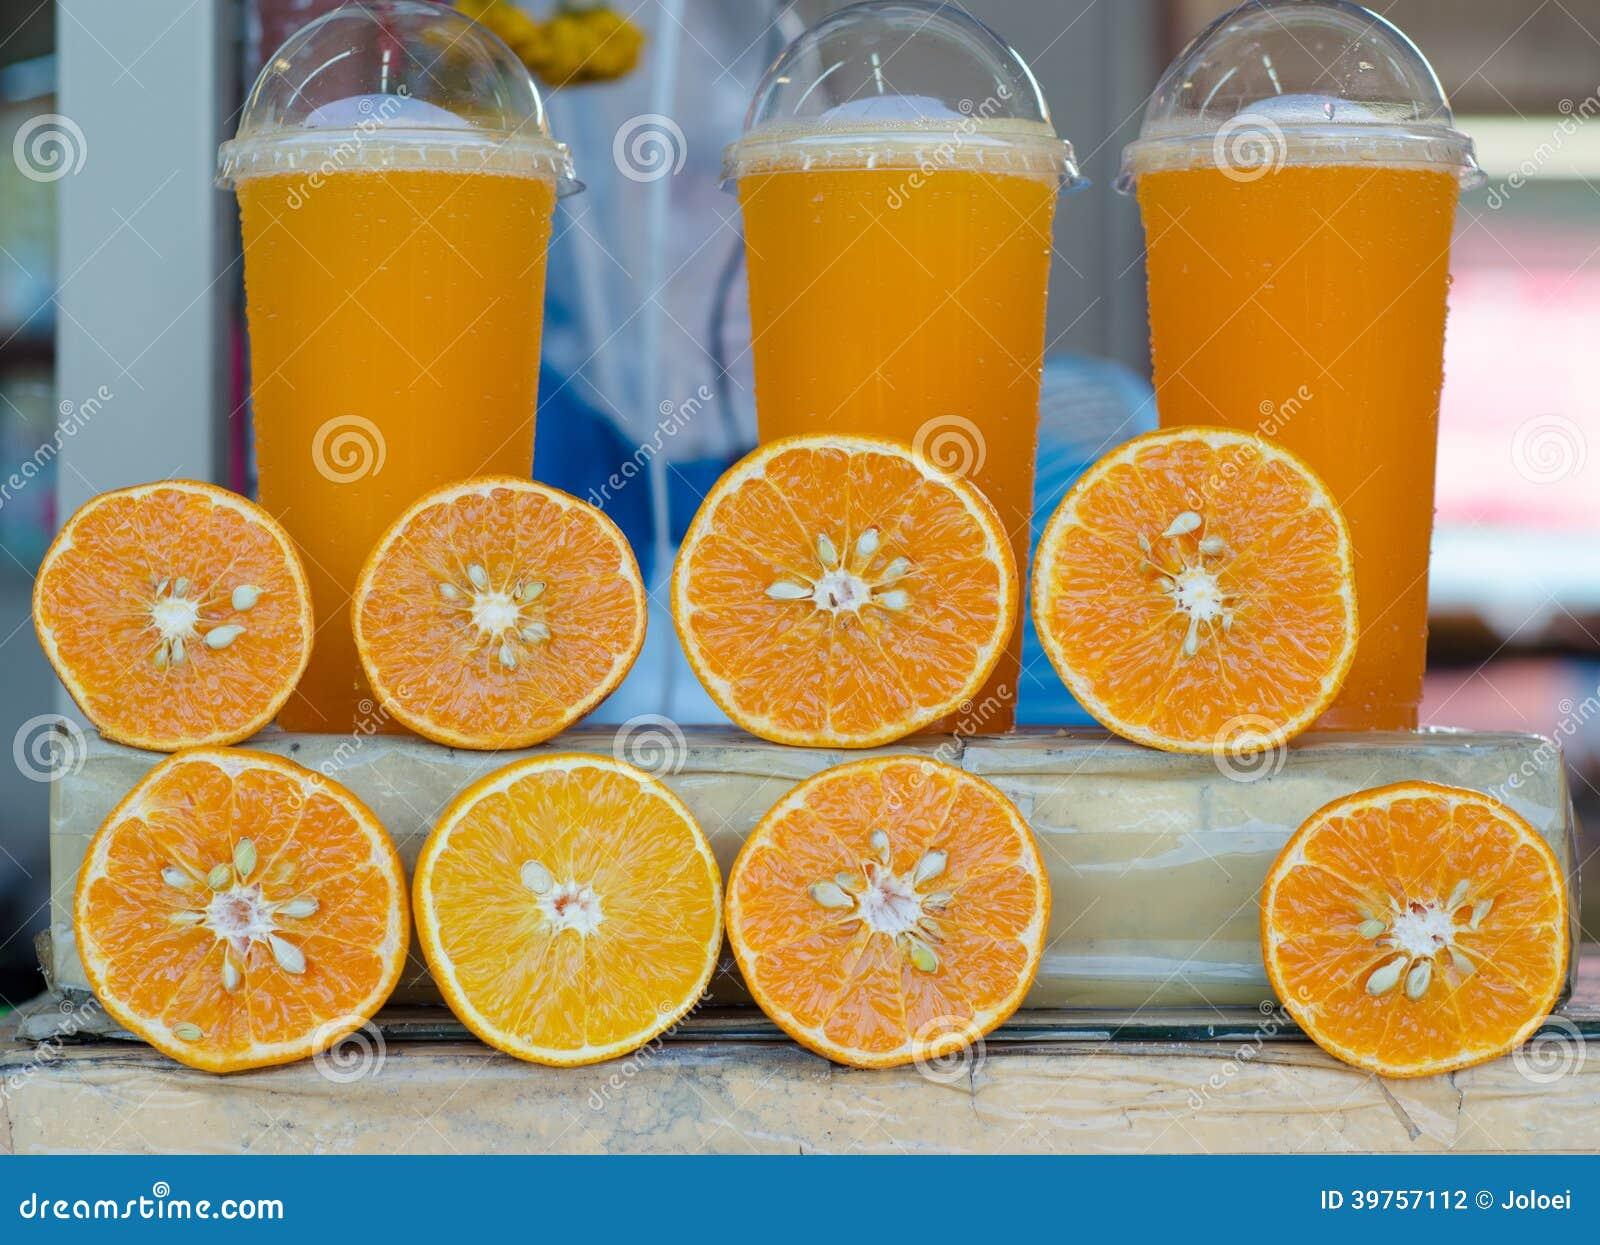 Orange Juice Stock Photo Image 39757112